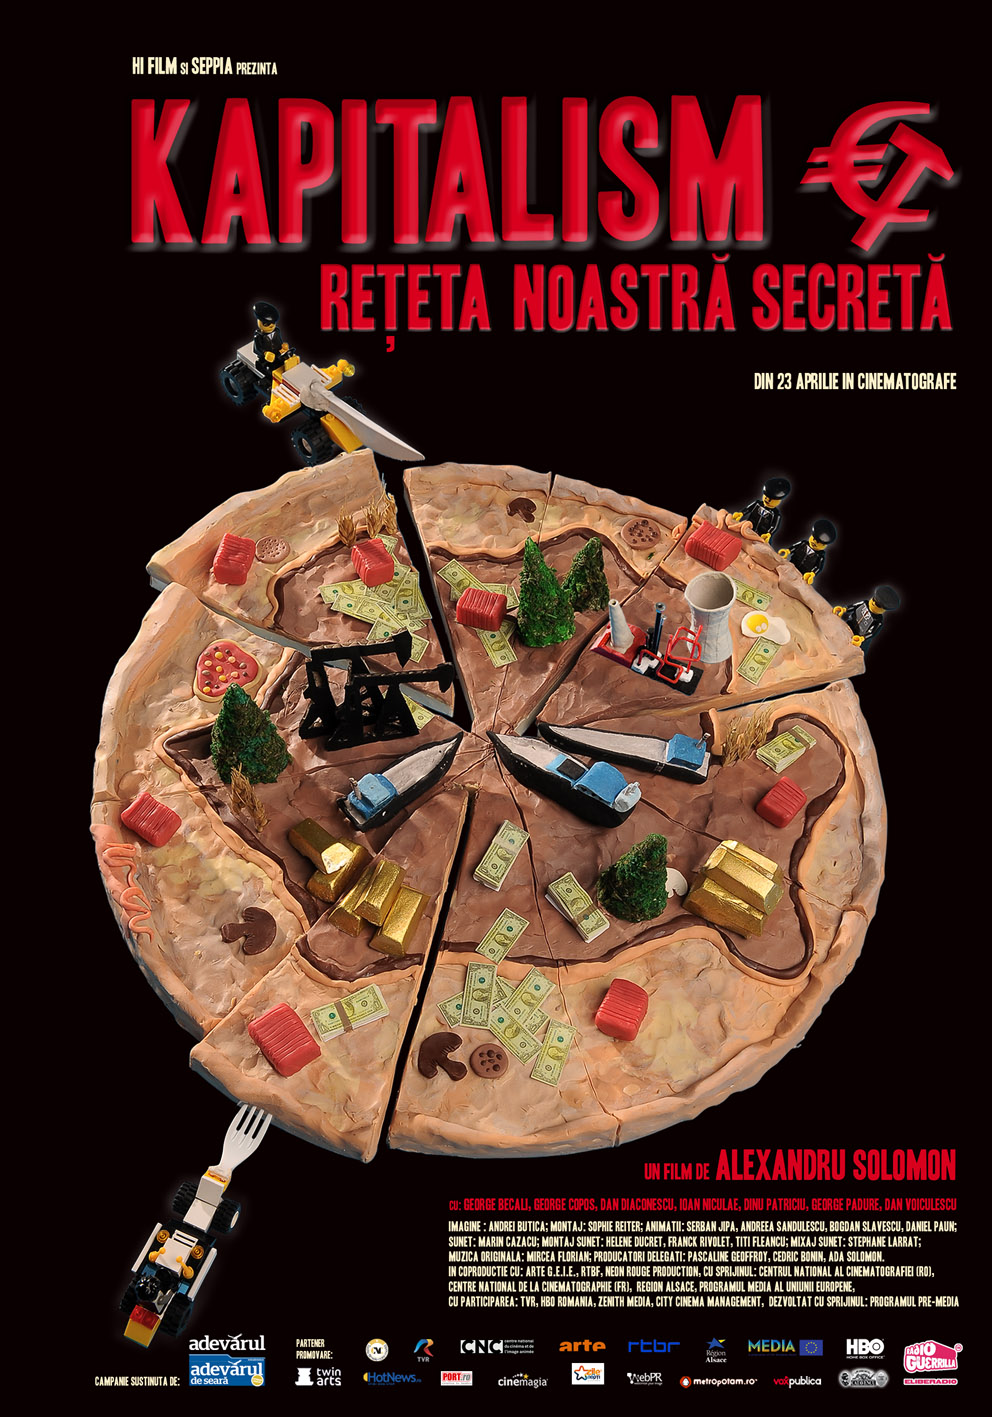 Kapitalism - reţeta noastră secretă (2010) - Photo